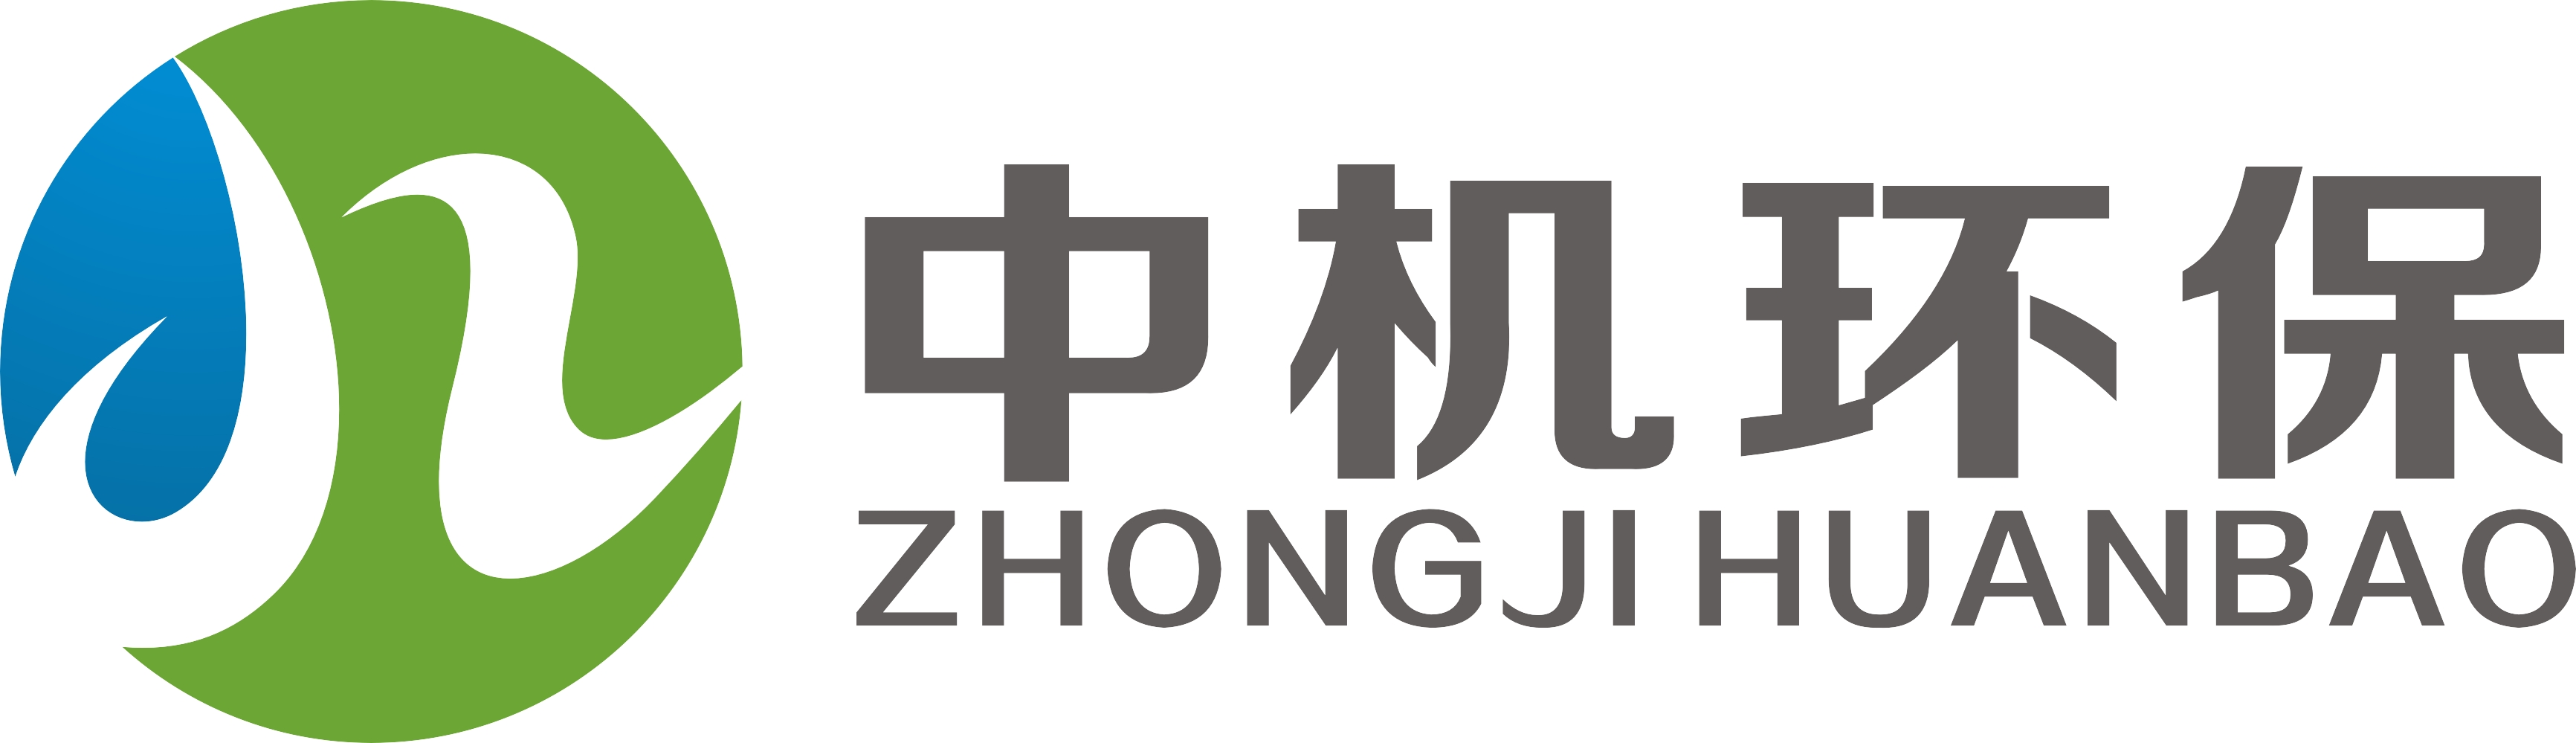 中机国际环保科技有限公司